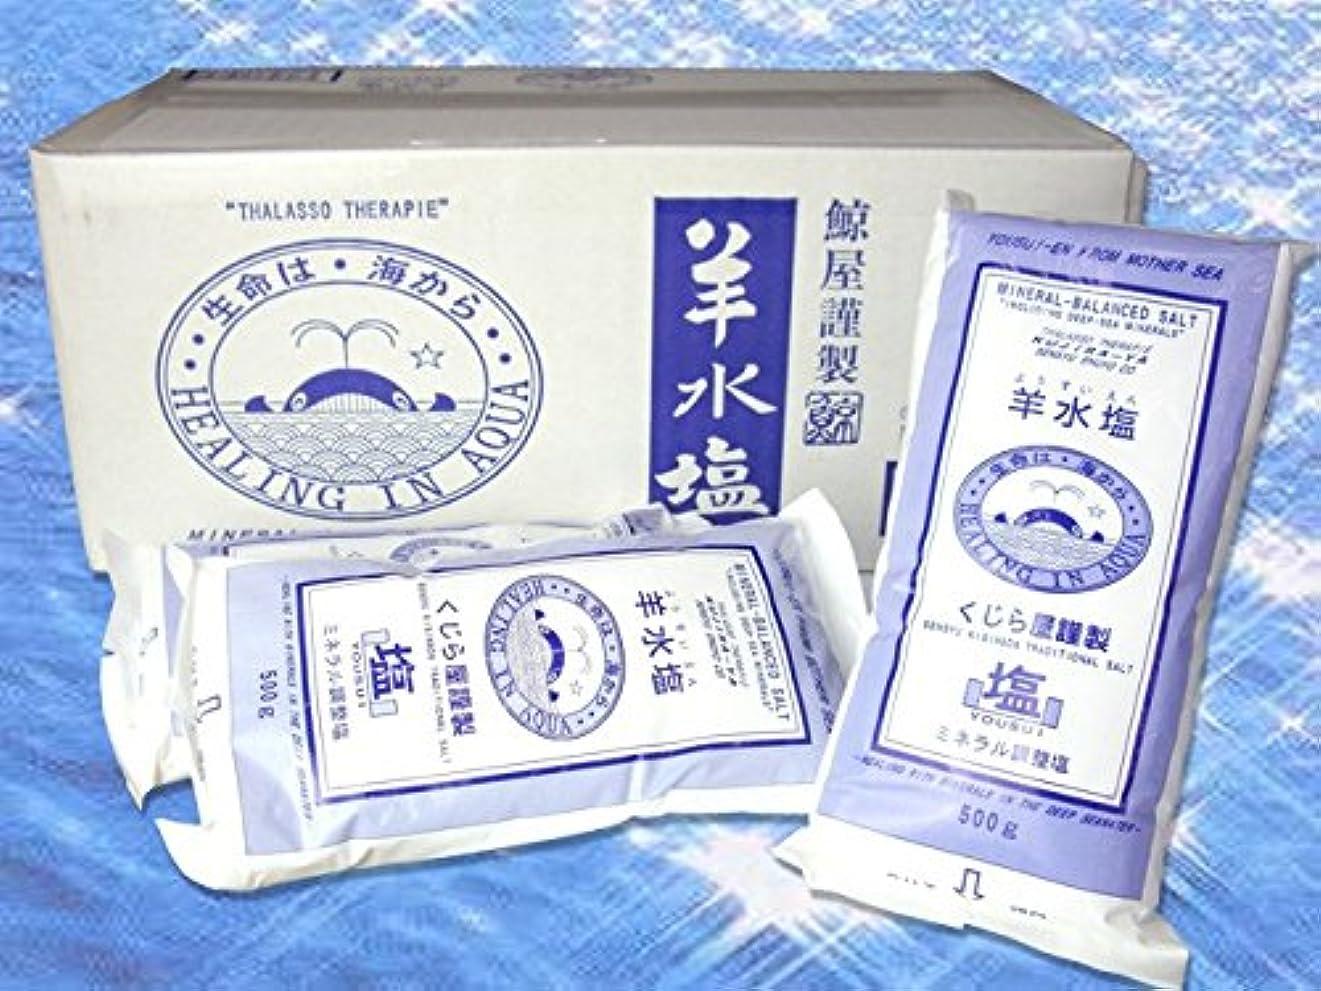 教千かる美容 入浴剤 羊水塩 500g×20袋 ミネラルや海洋深層水イオン等を人体液と同様に配合 ミネラル調整塩